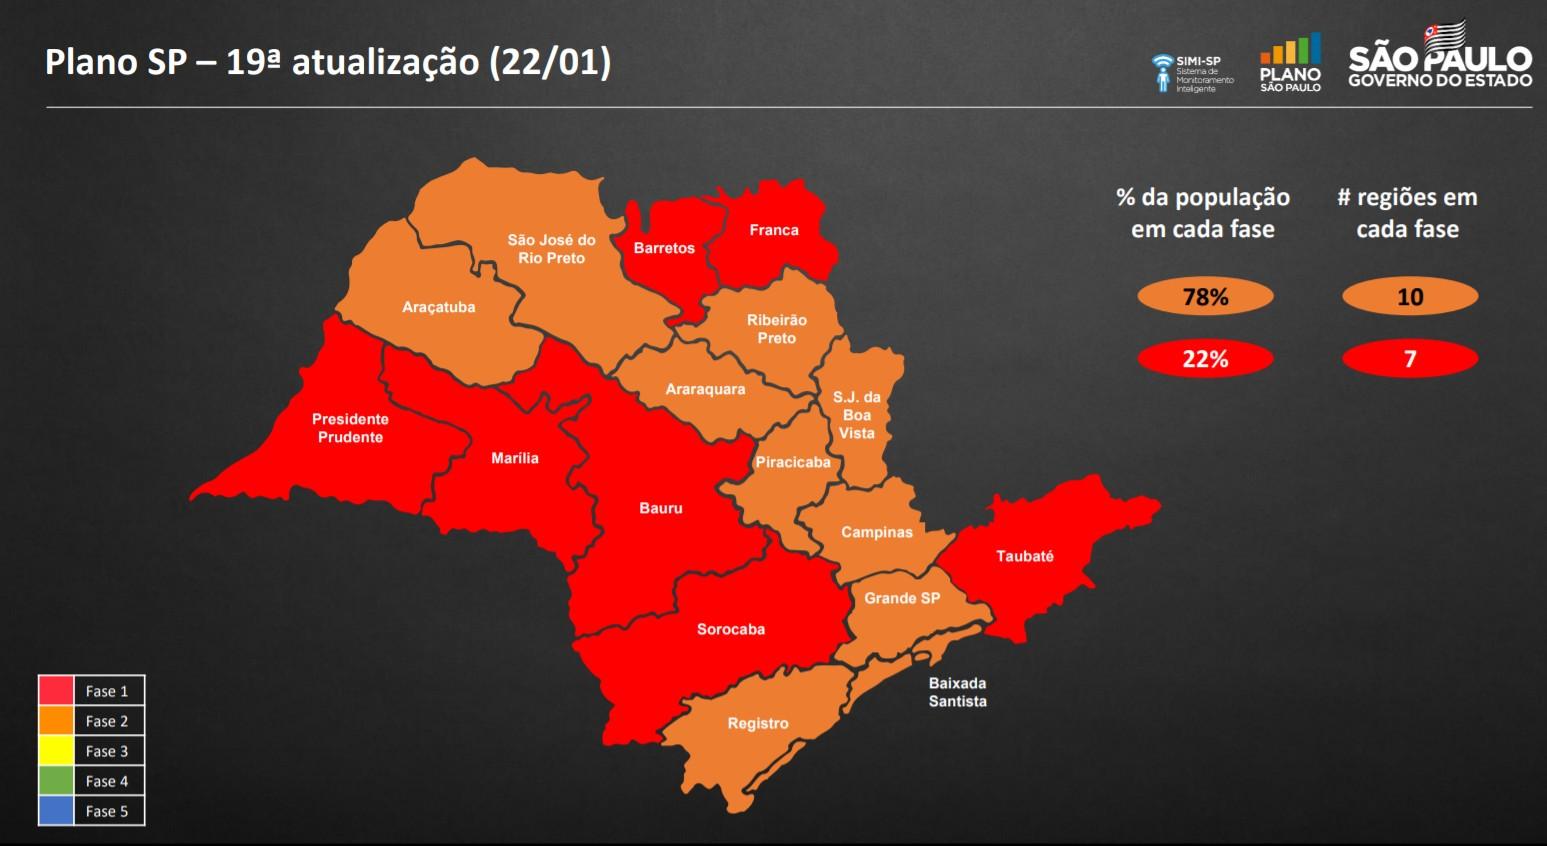 Entenda as fases do Plano São Paulo, que regulamenta o que pode funcionar na quarentena em SP; veja perguntas e respostas